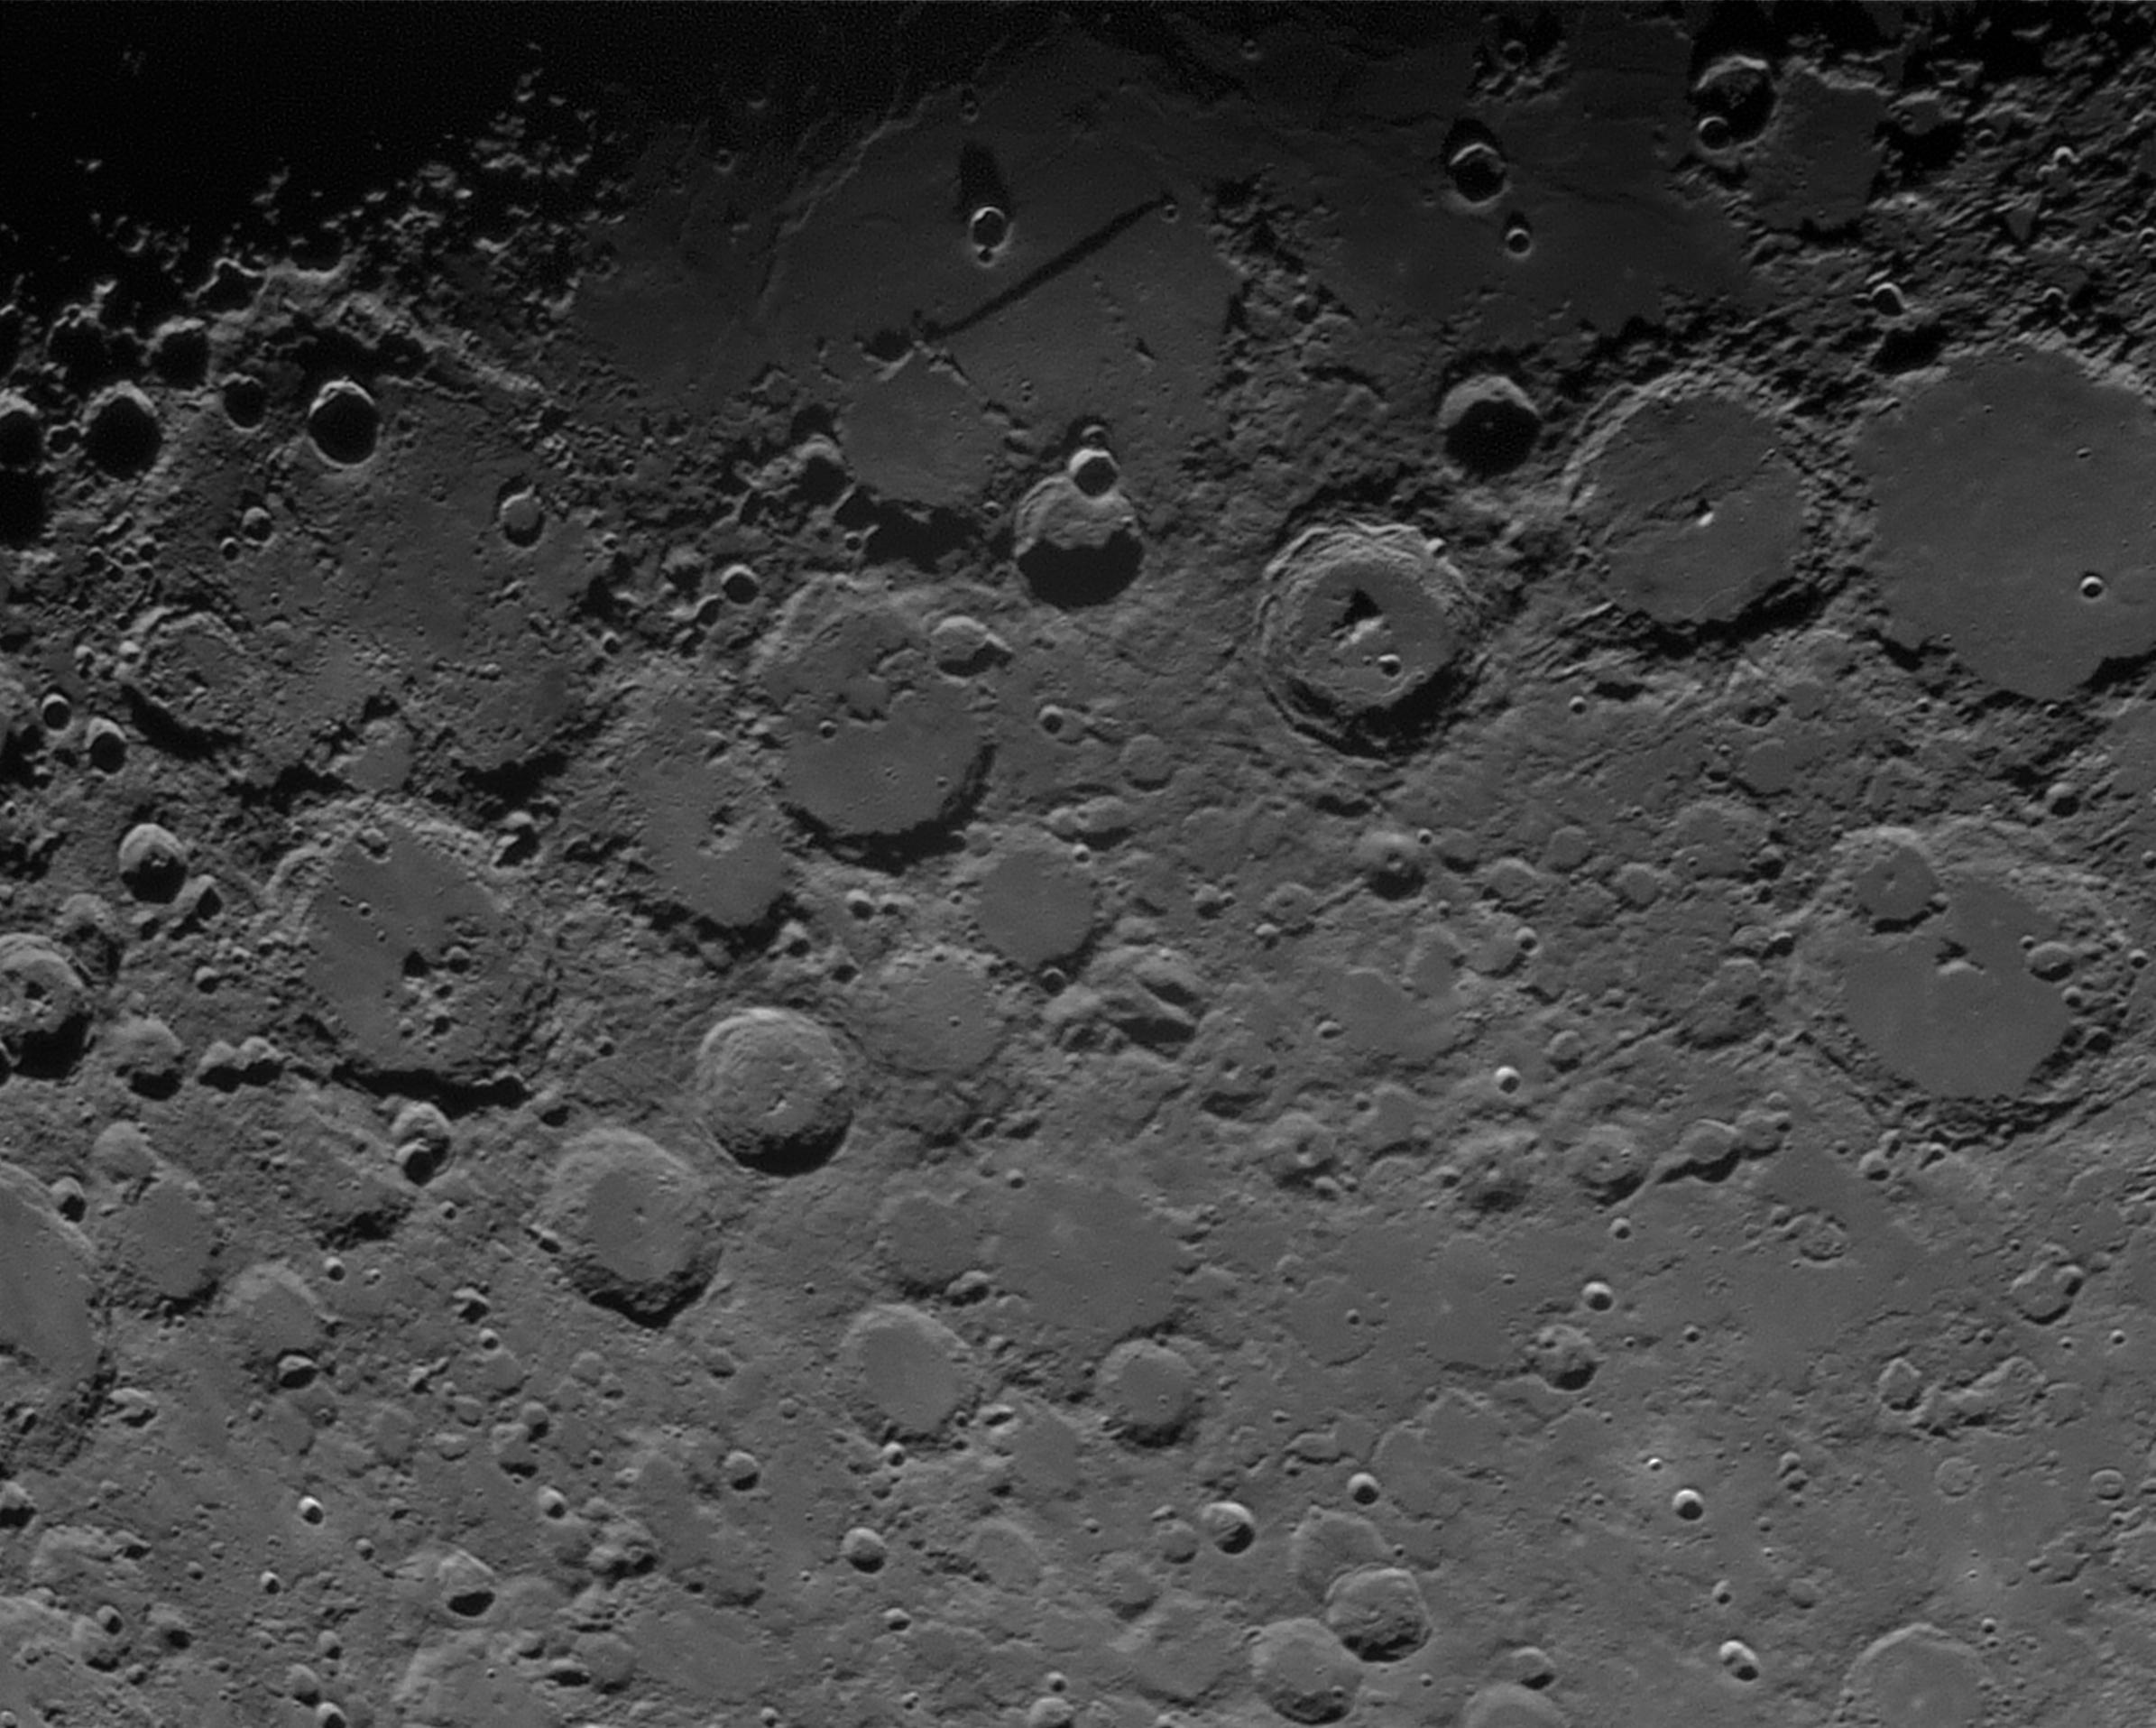 Astronomie lune le mur droit et ses voisins - Mur privatif droit et devoir ...